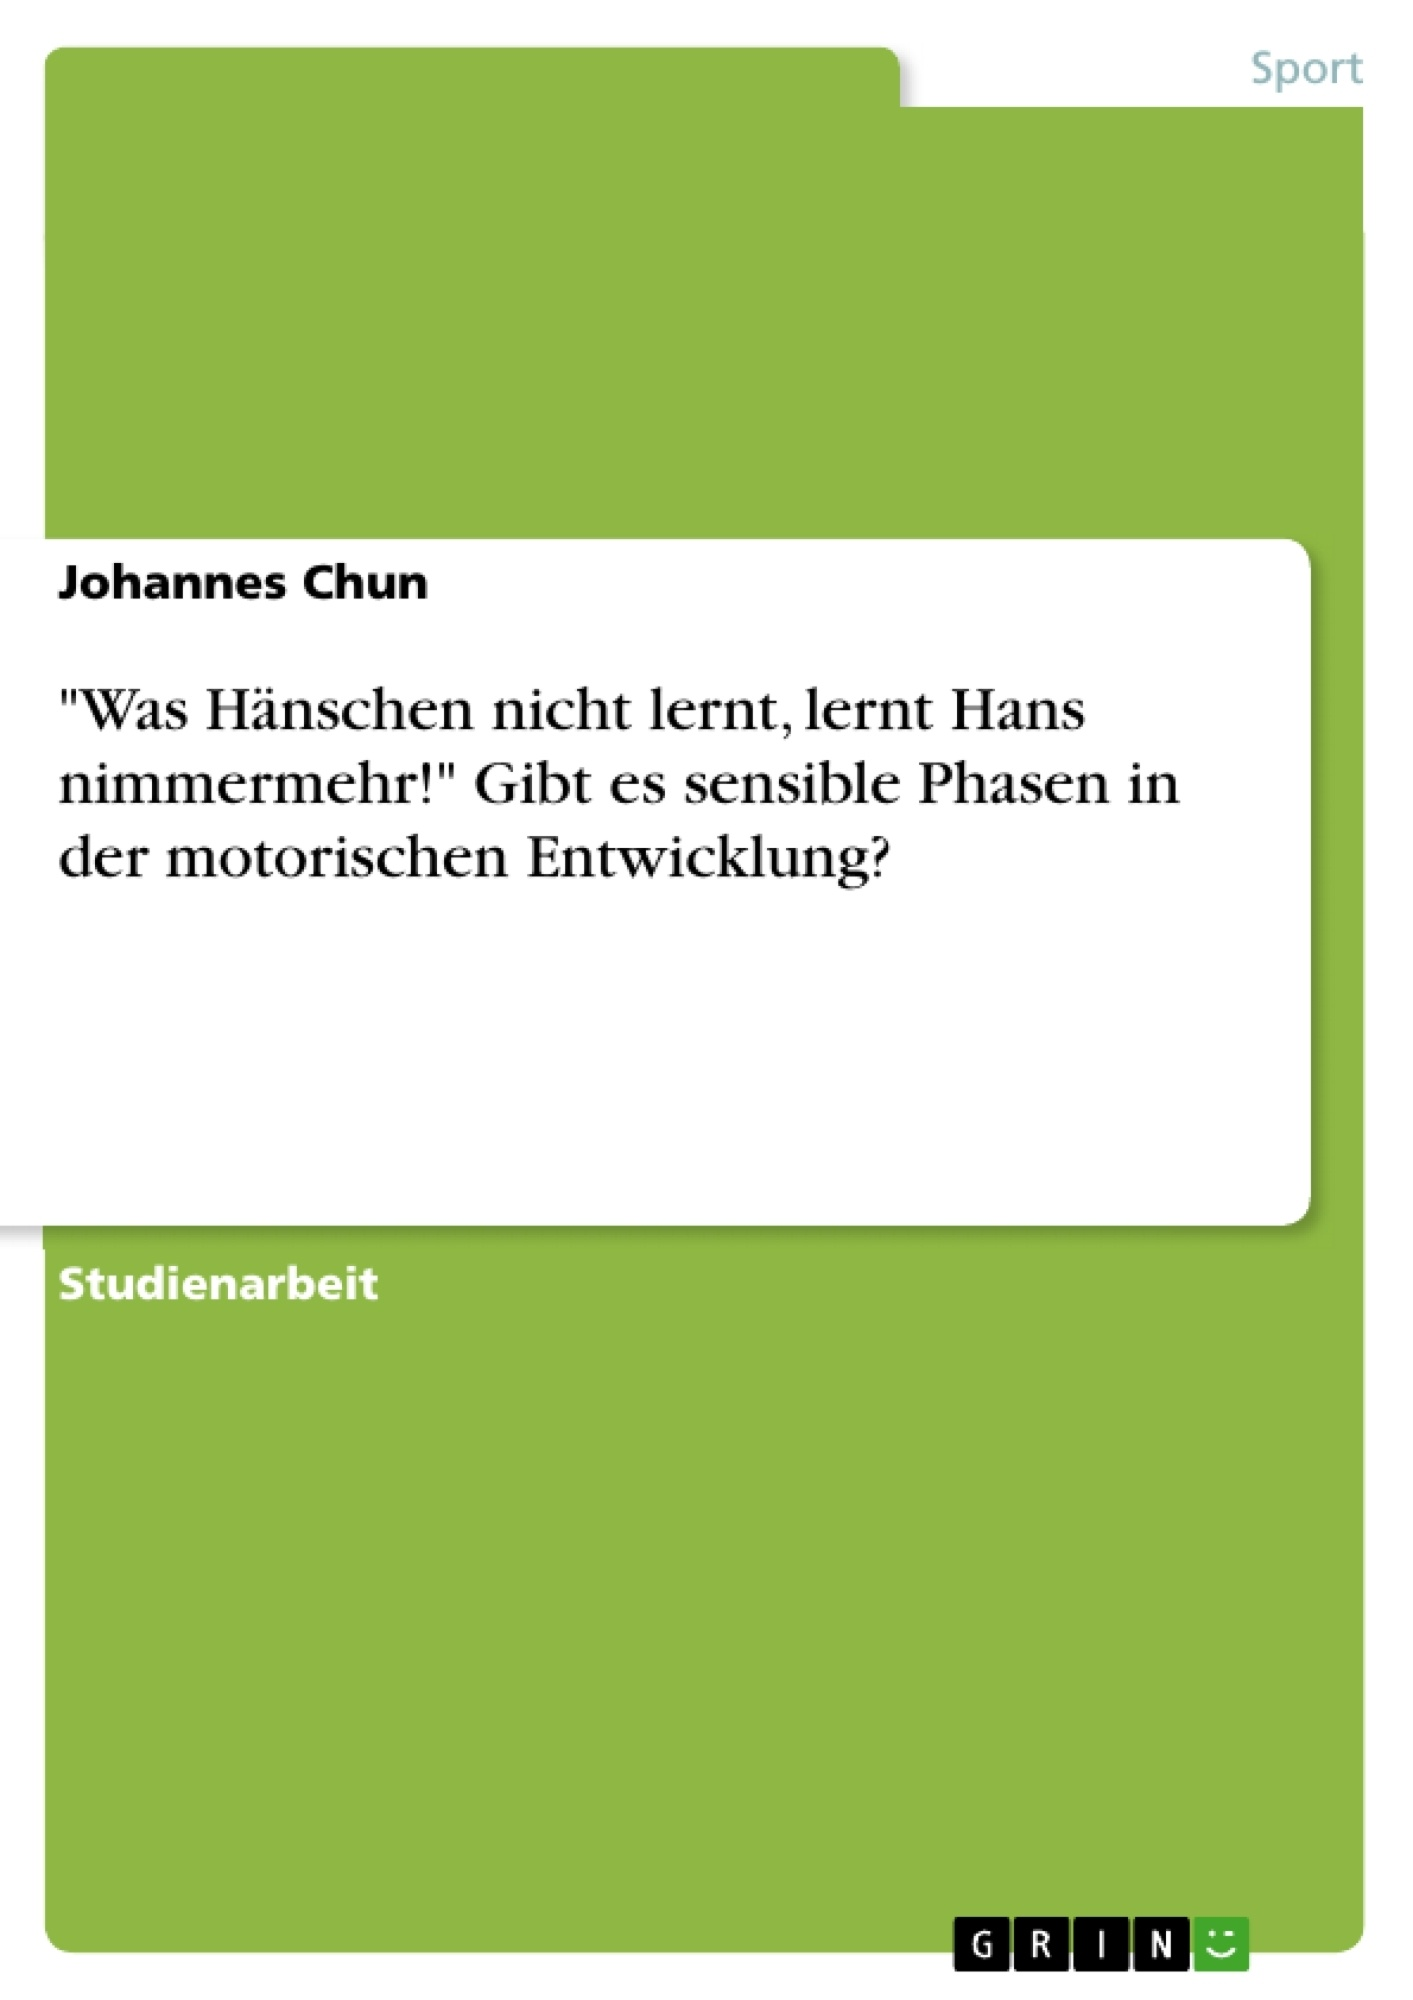 """Titel: """"Was Hänschen nicht lernt, lernt Hans nimmermehr!"""" Gibt es sensible Phasen in der motorischen Entwicklung?"""